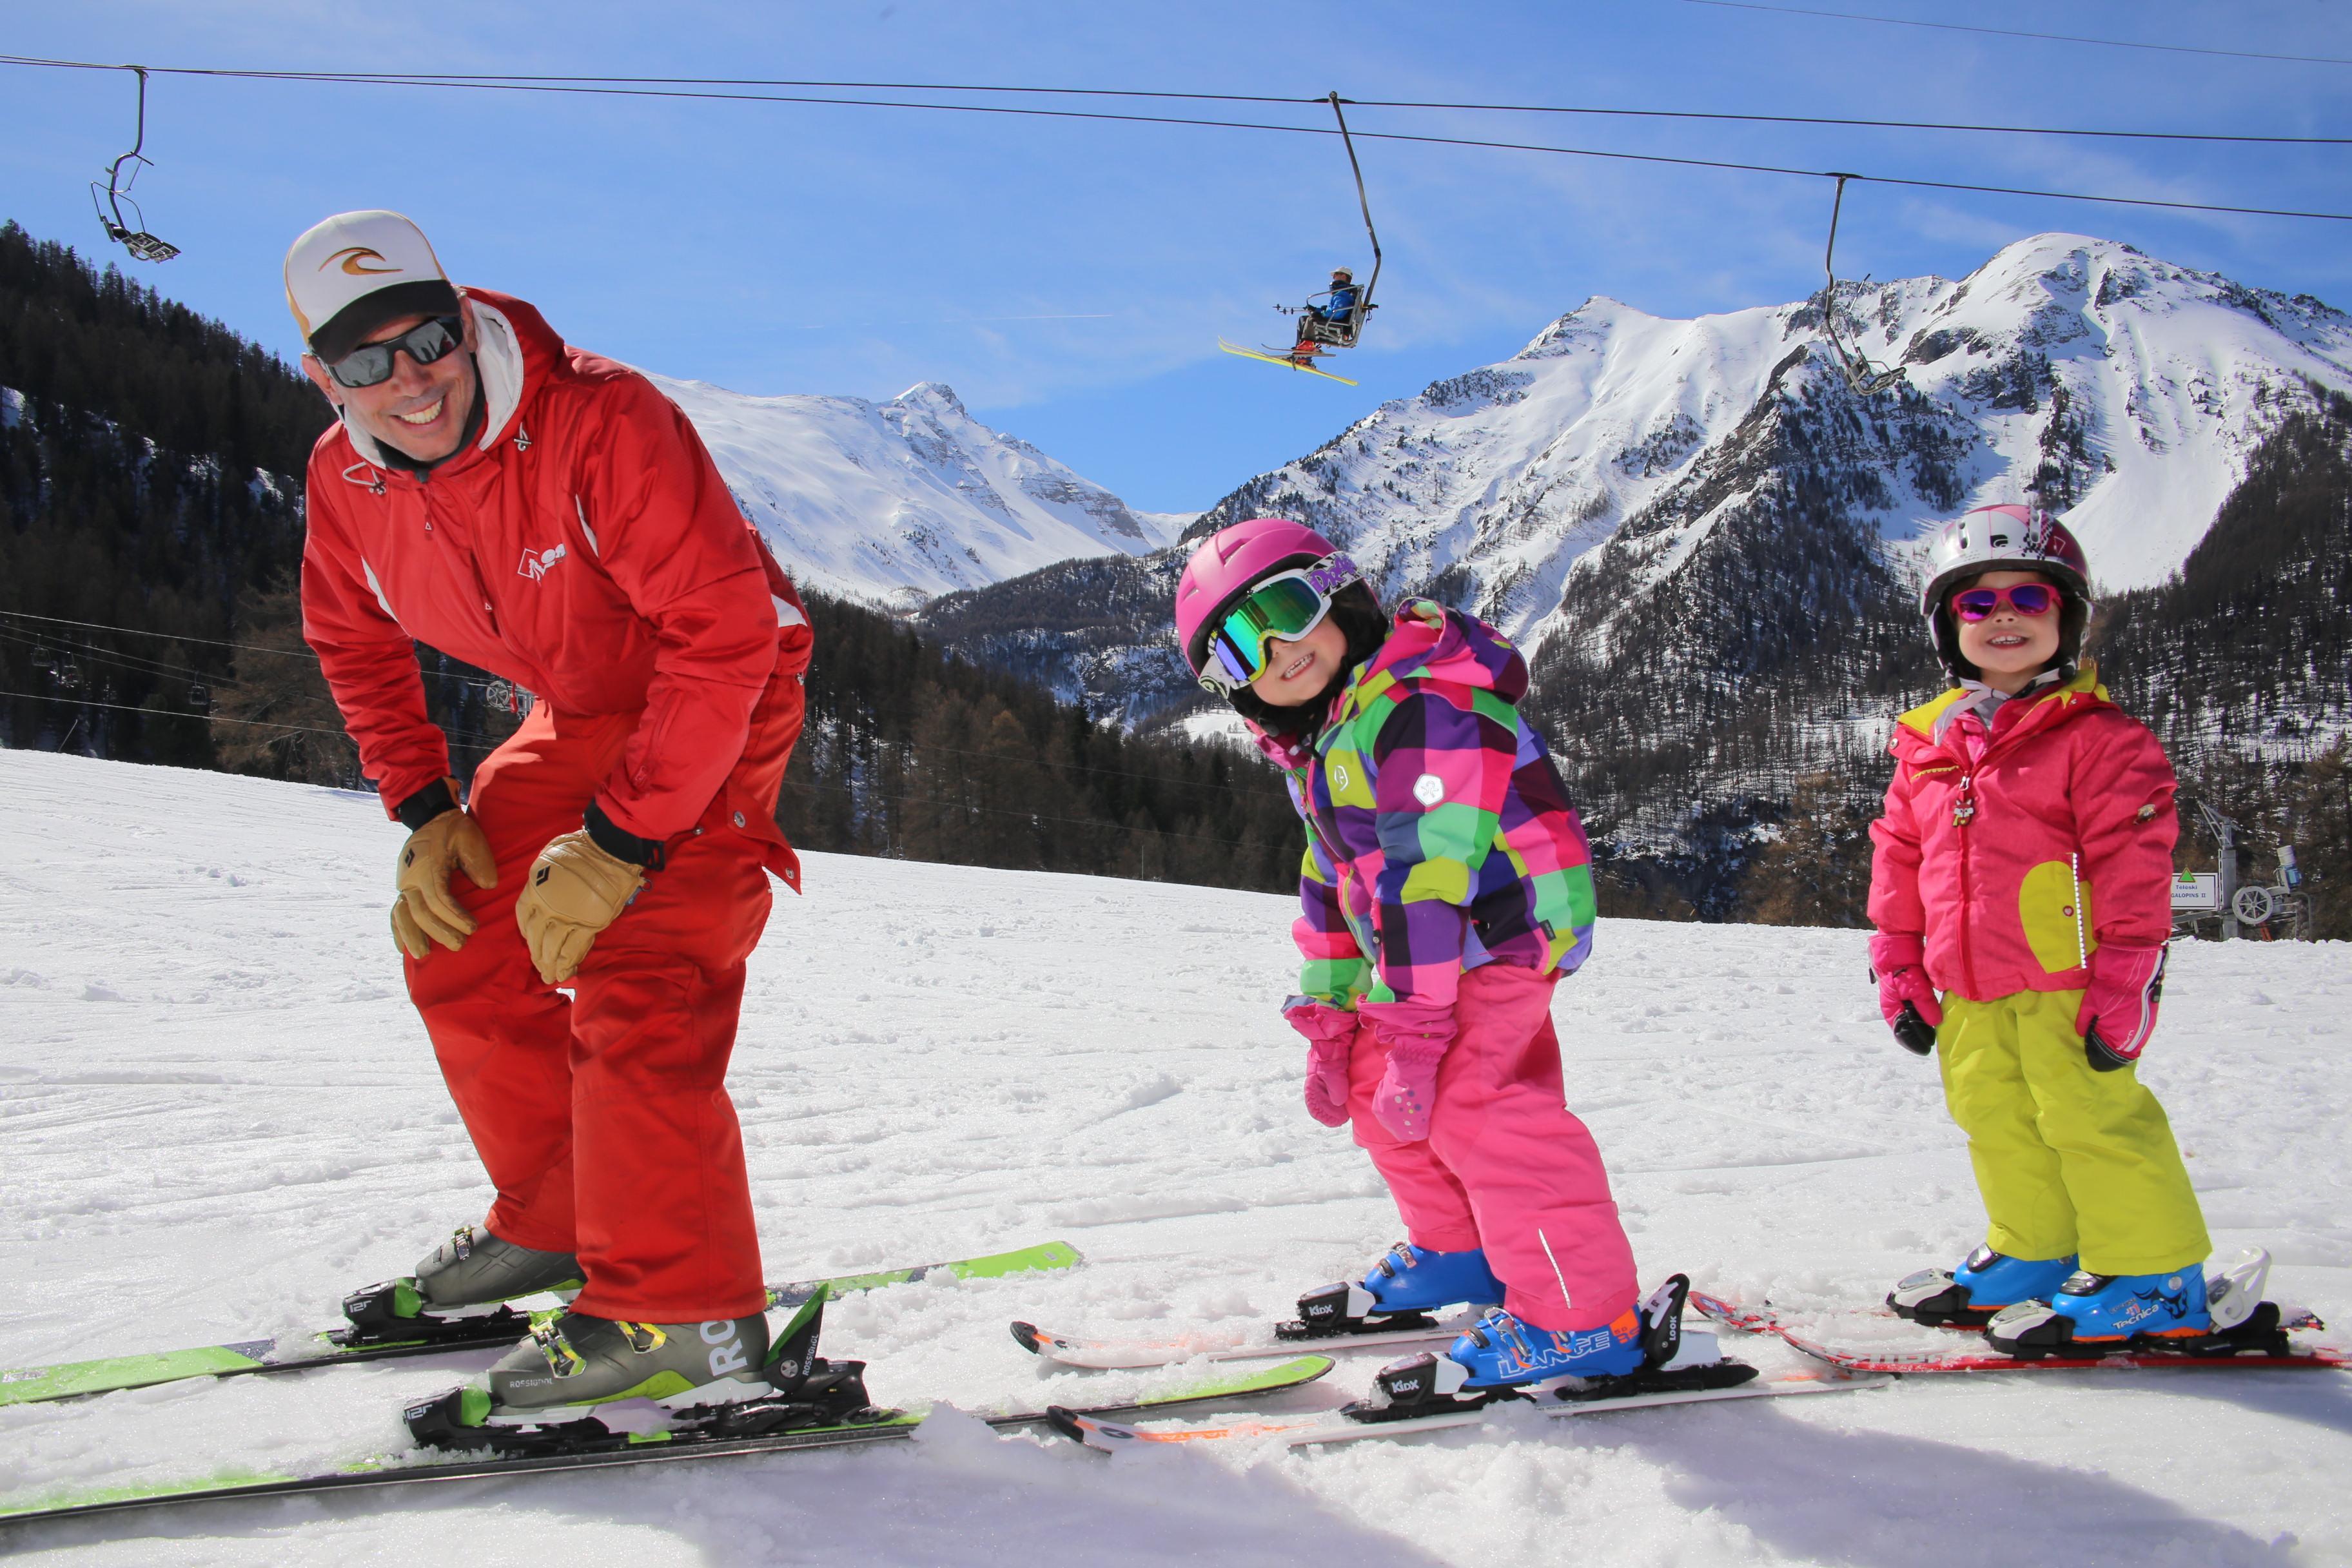 Cours de ski Enfants (6-13 ans) - Basse saison